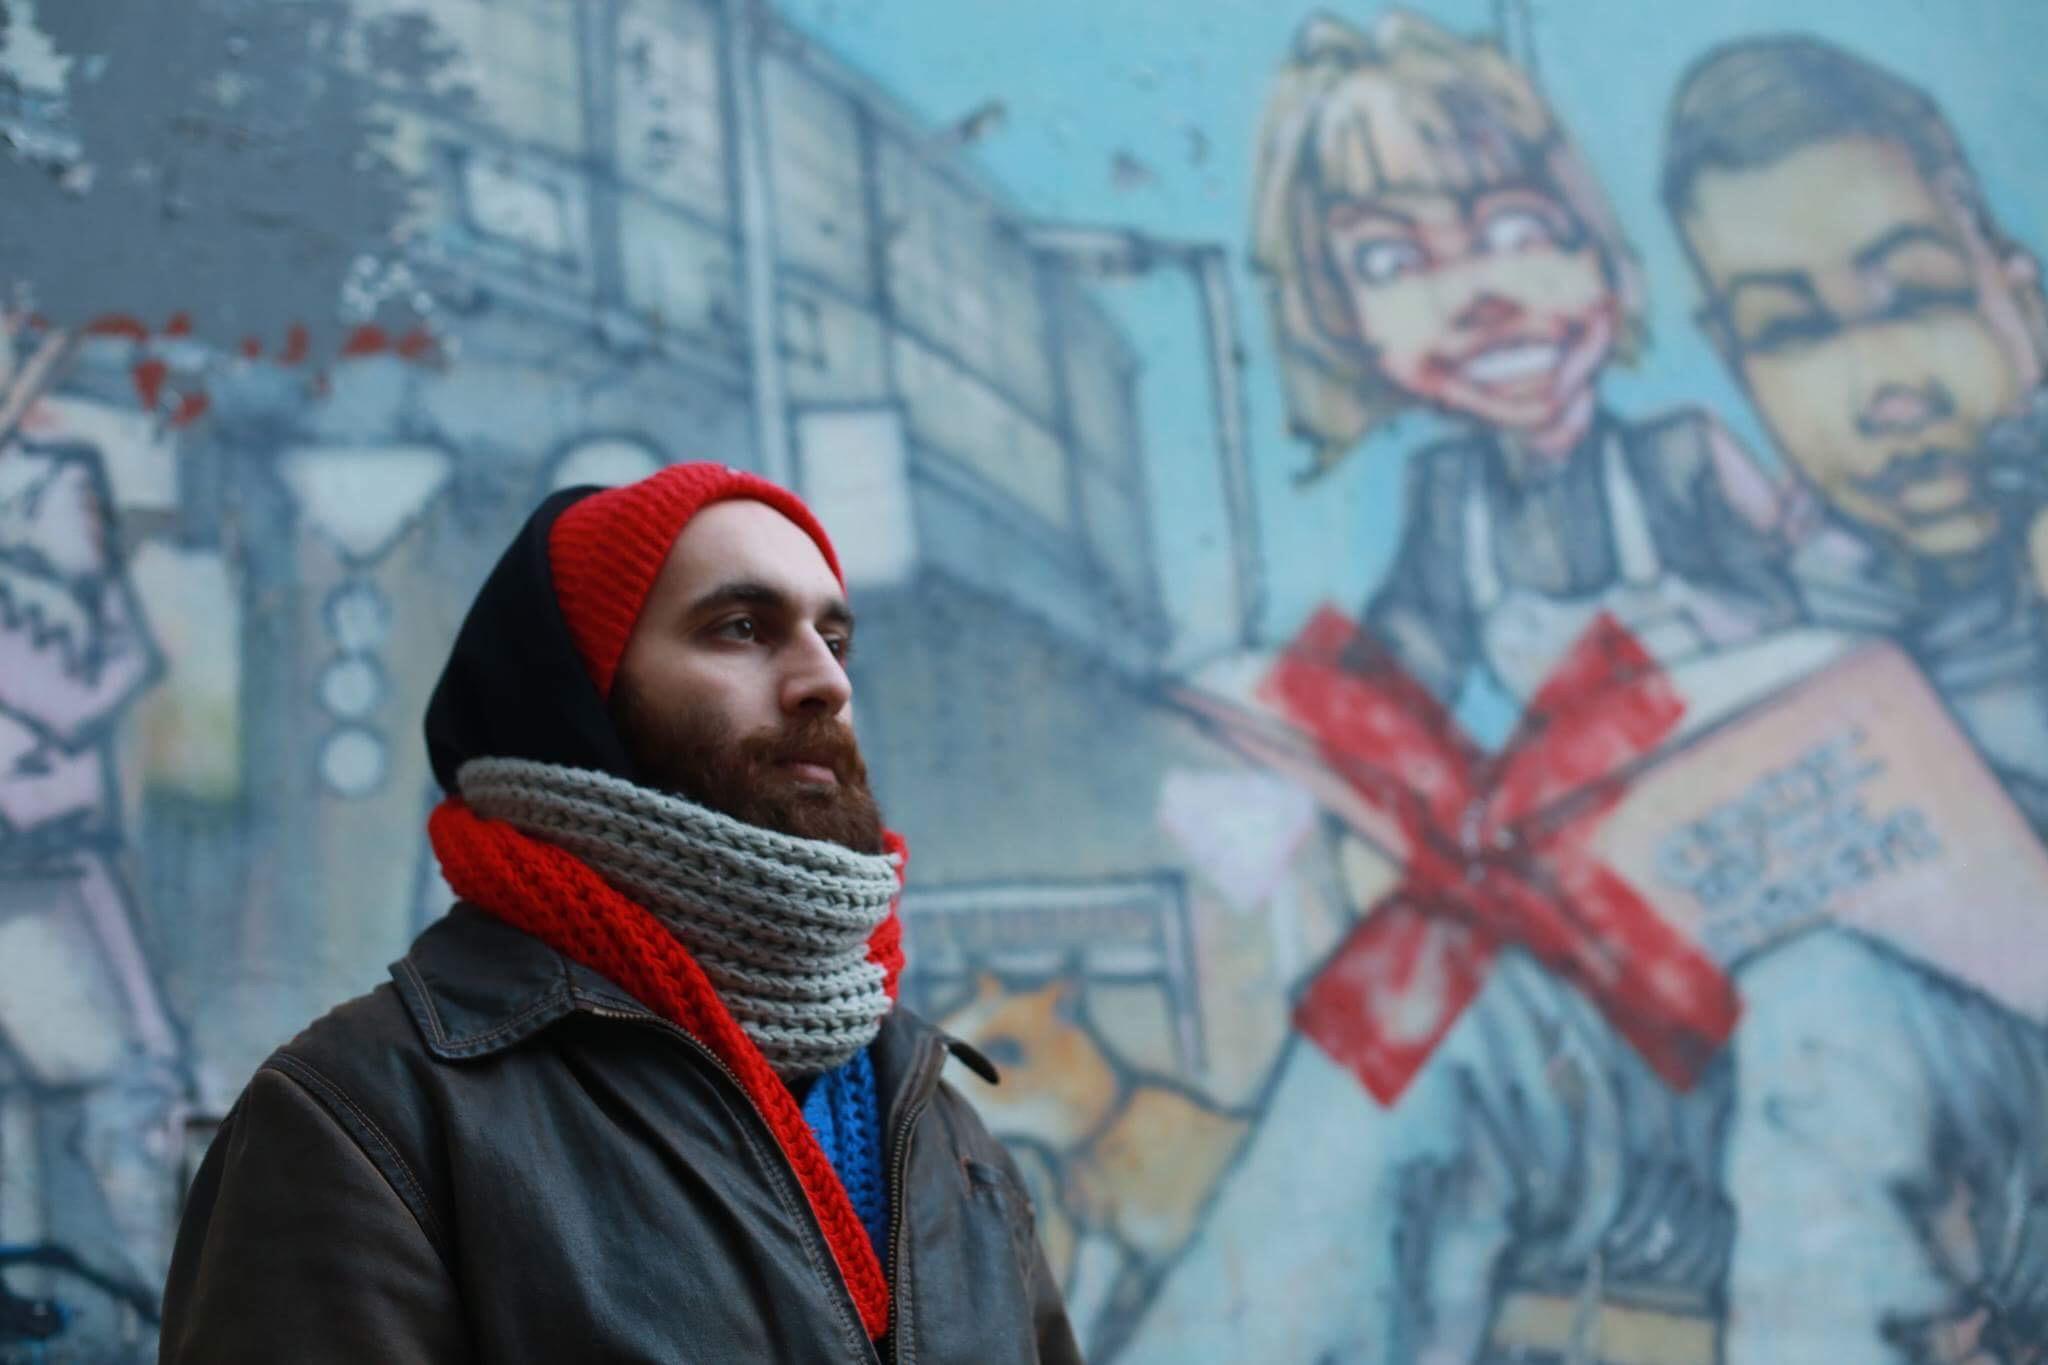 IMG 5526 #политика Азербайджан, активисты, Алиев, Афган Мухтарлы, Баку, Грузия, диссиденты, политика, свобода слова, тбилиси